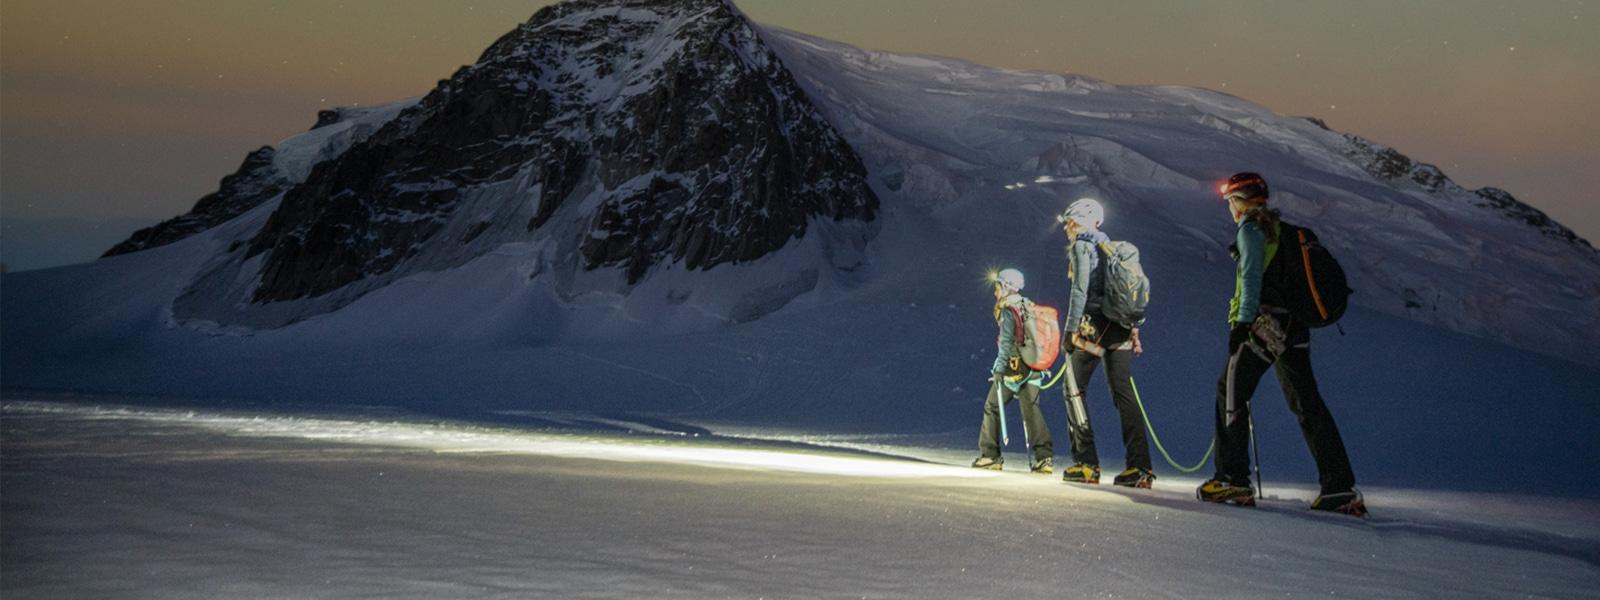 Drei Wanderer überqueren in den Bergen ein Schneefeld unter freiem Sternenhimmel.